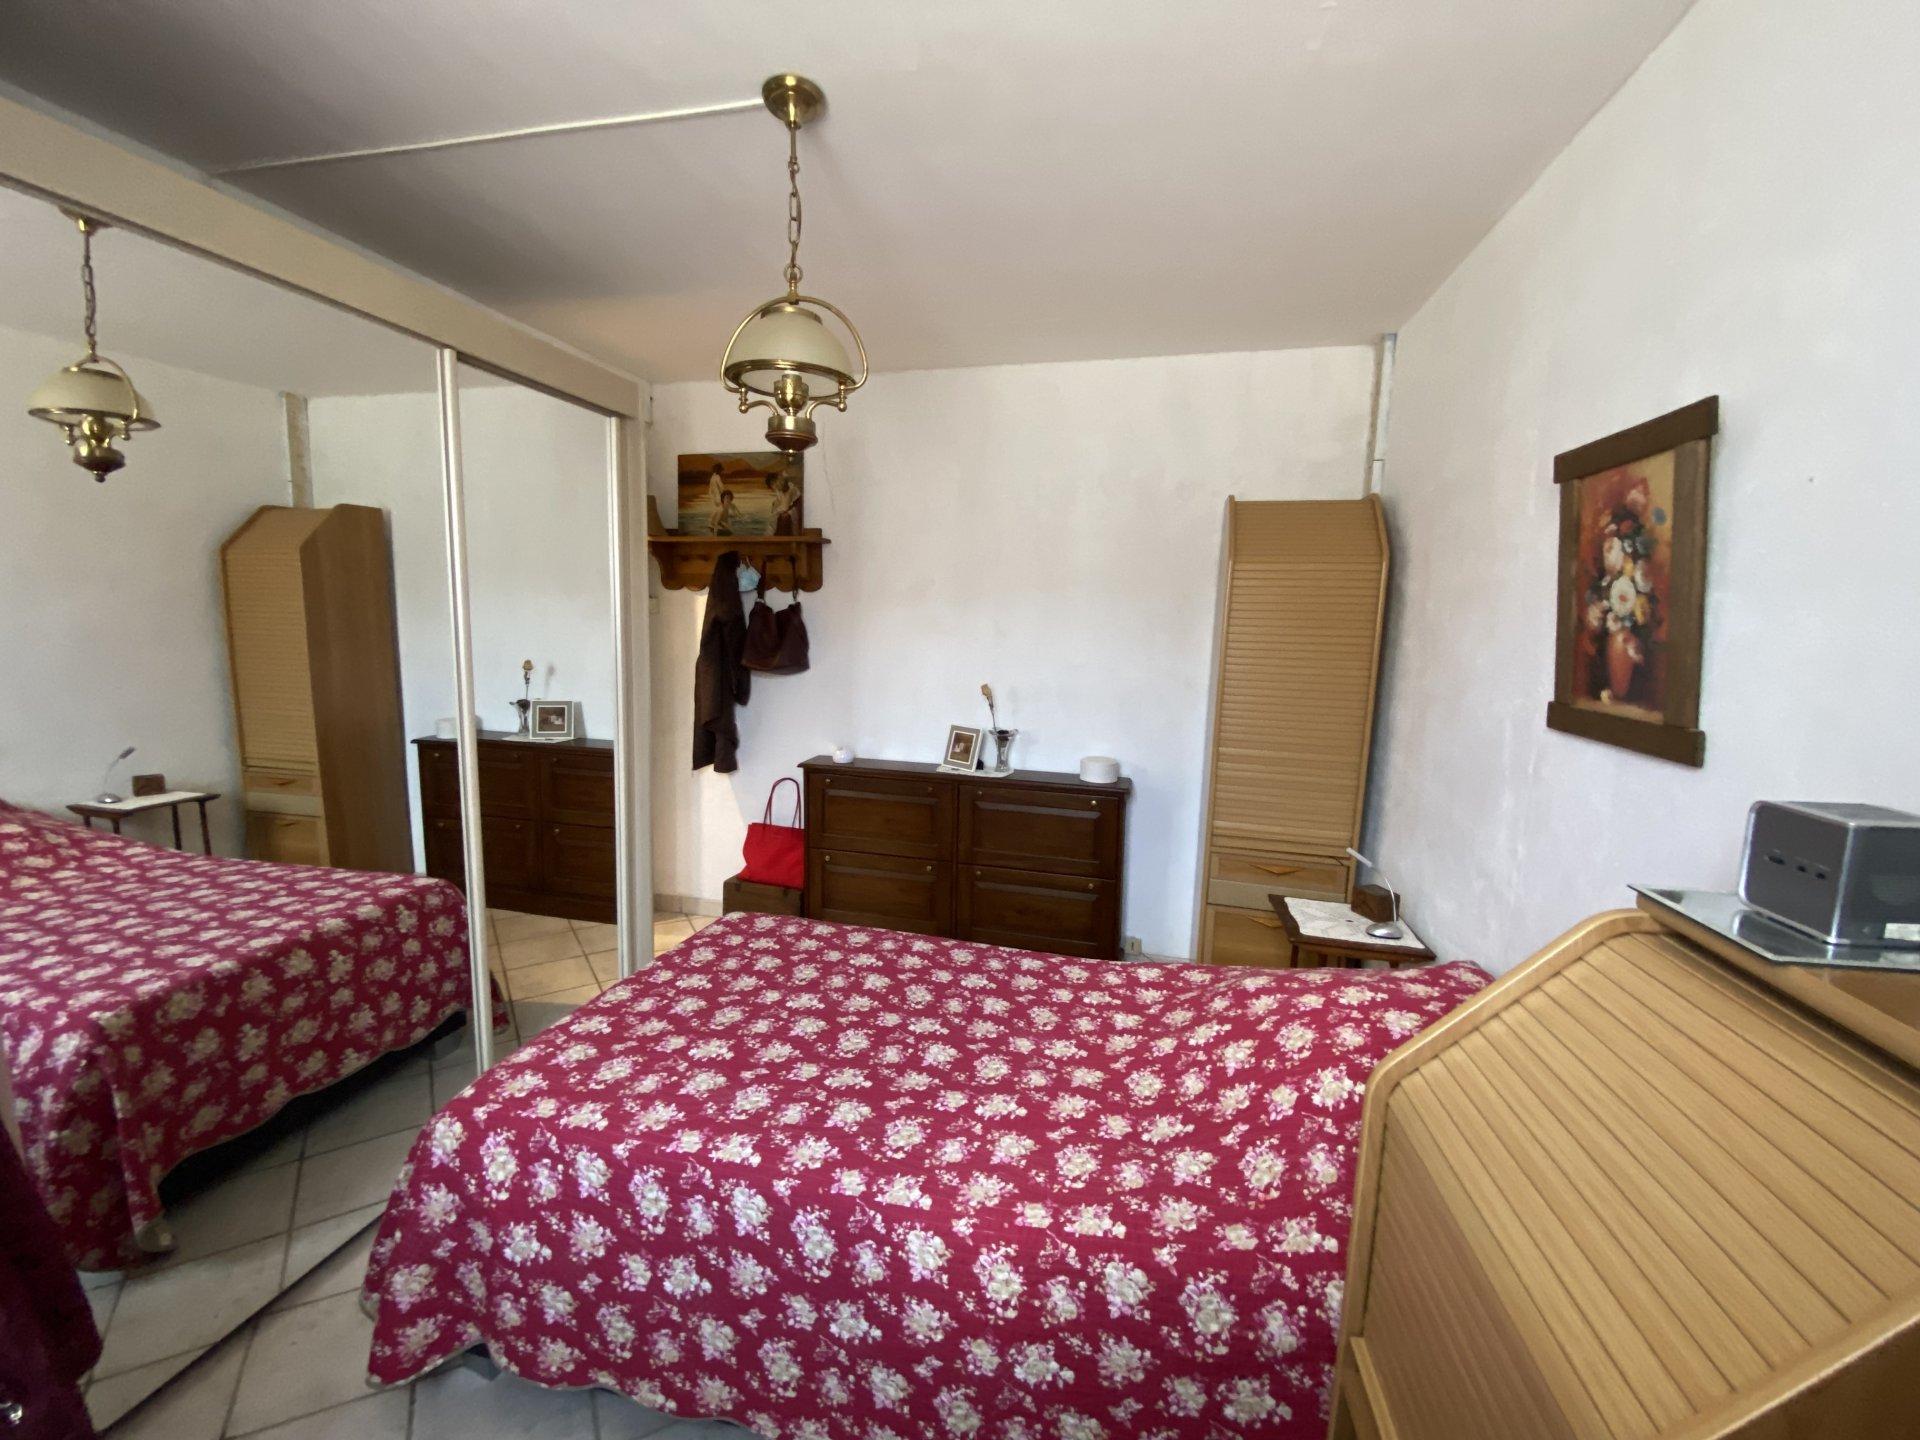 Située dans un village avec écoles, 3 chambres